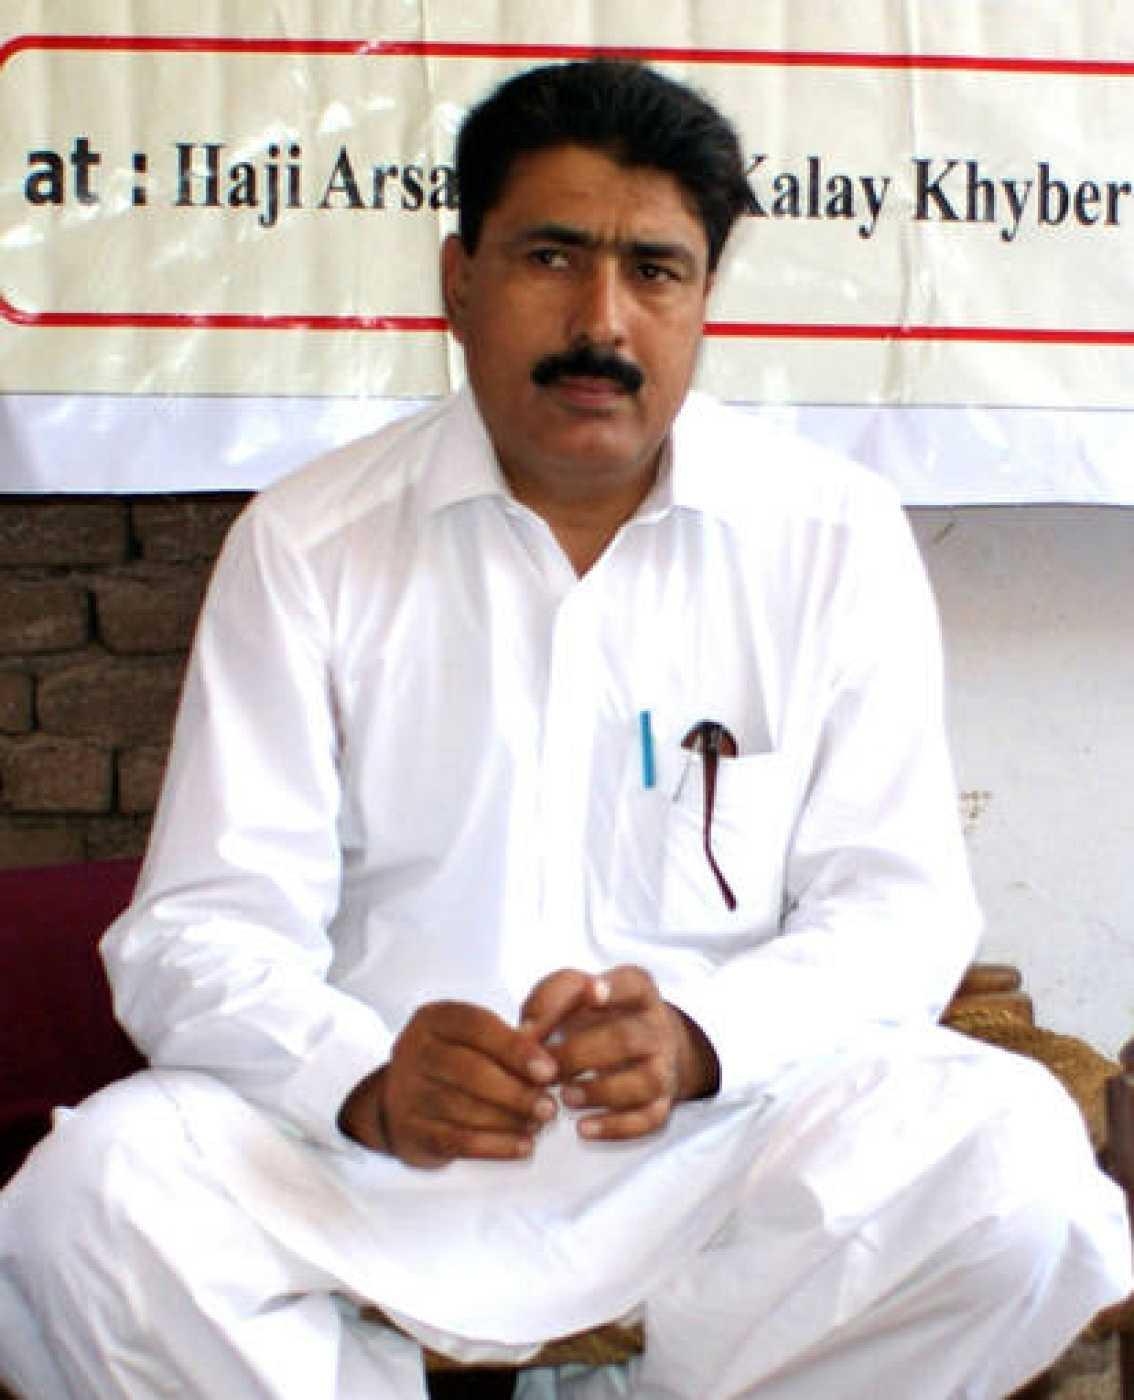 Shakeel Afridi, el médico que supuestamente colaboró con la CIA para localizar a Osama Bin Laden (Archivo).